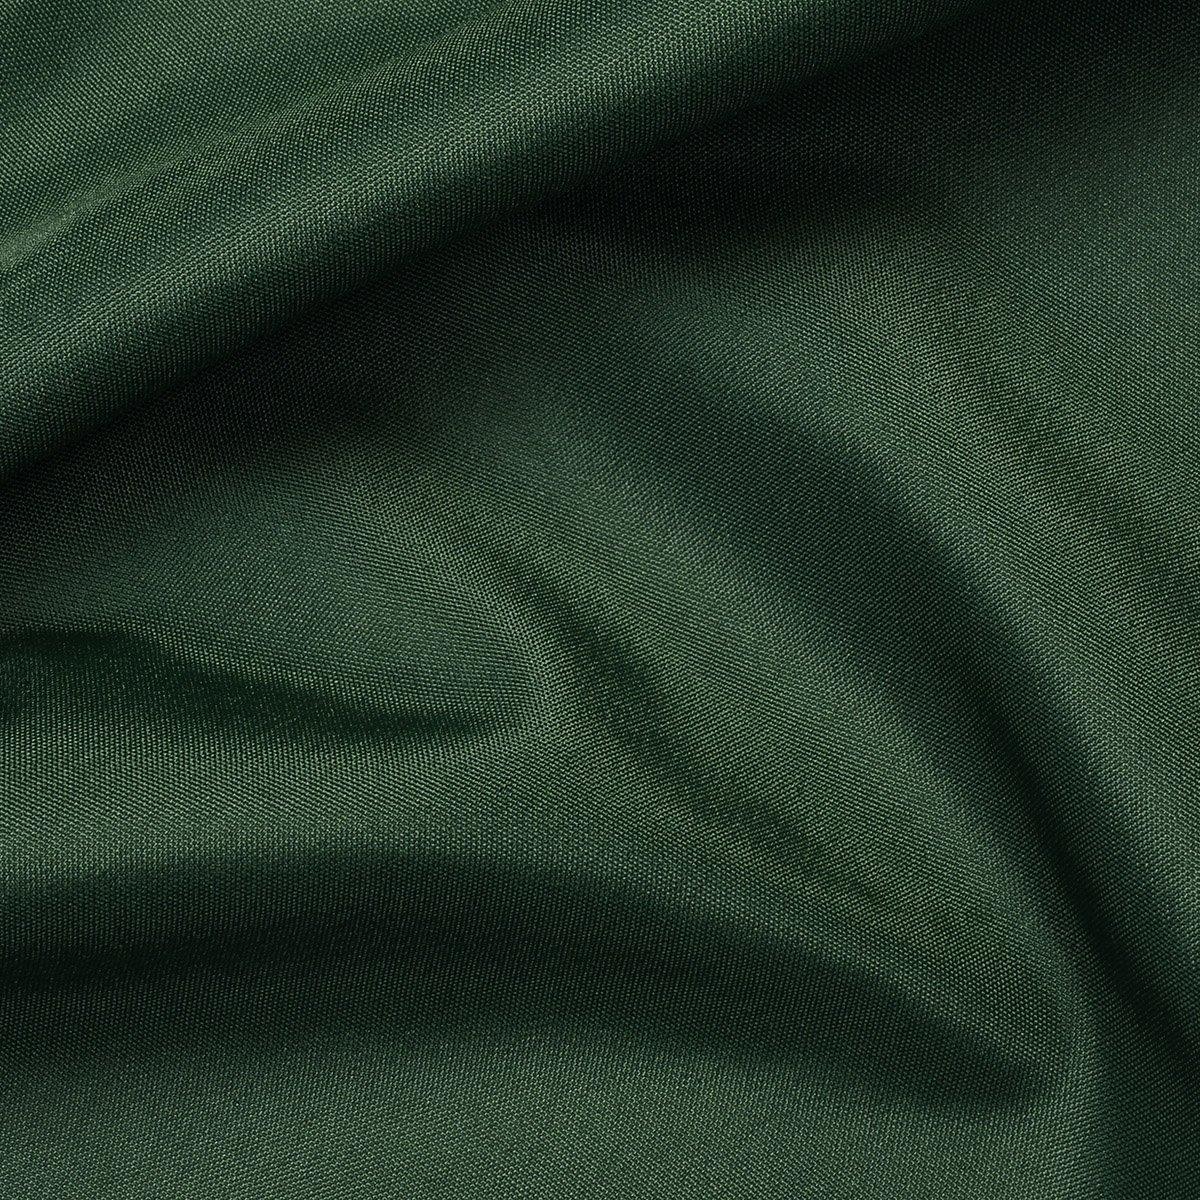 COSTWAY Techo de Repuesto para un Columpio Cubierta de Reemplazo Impermeable Techo Solar para Balanc/ín de Jard/ín 196 X 110 cm, Verde